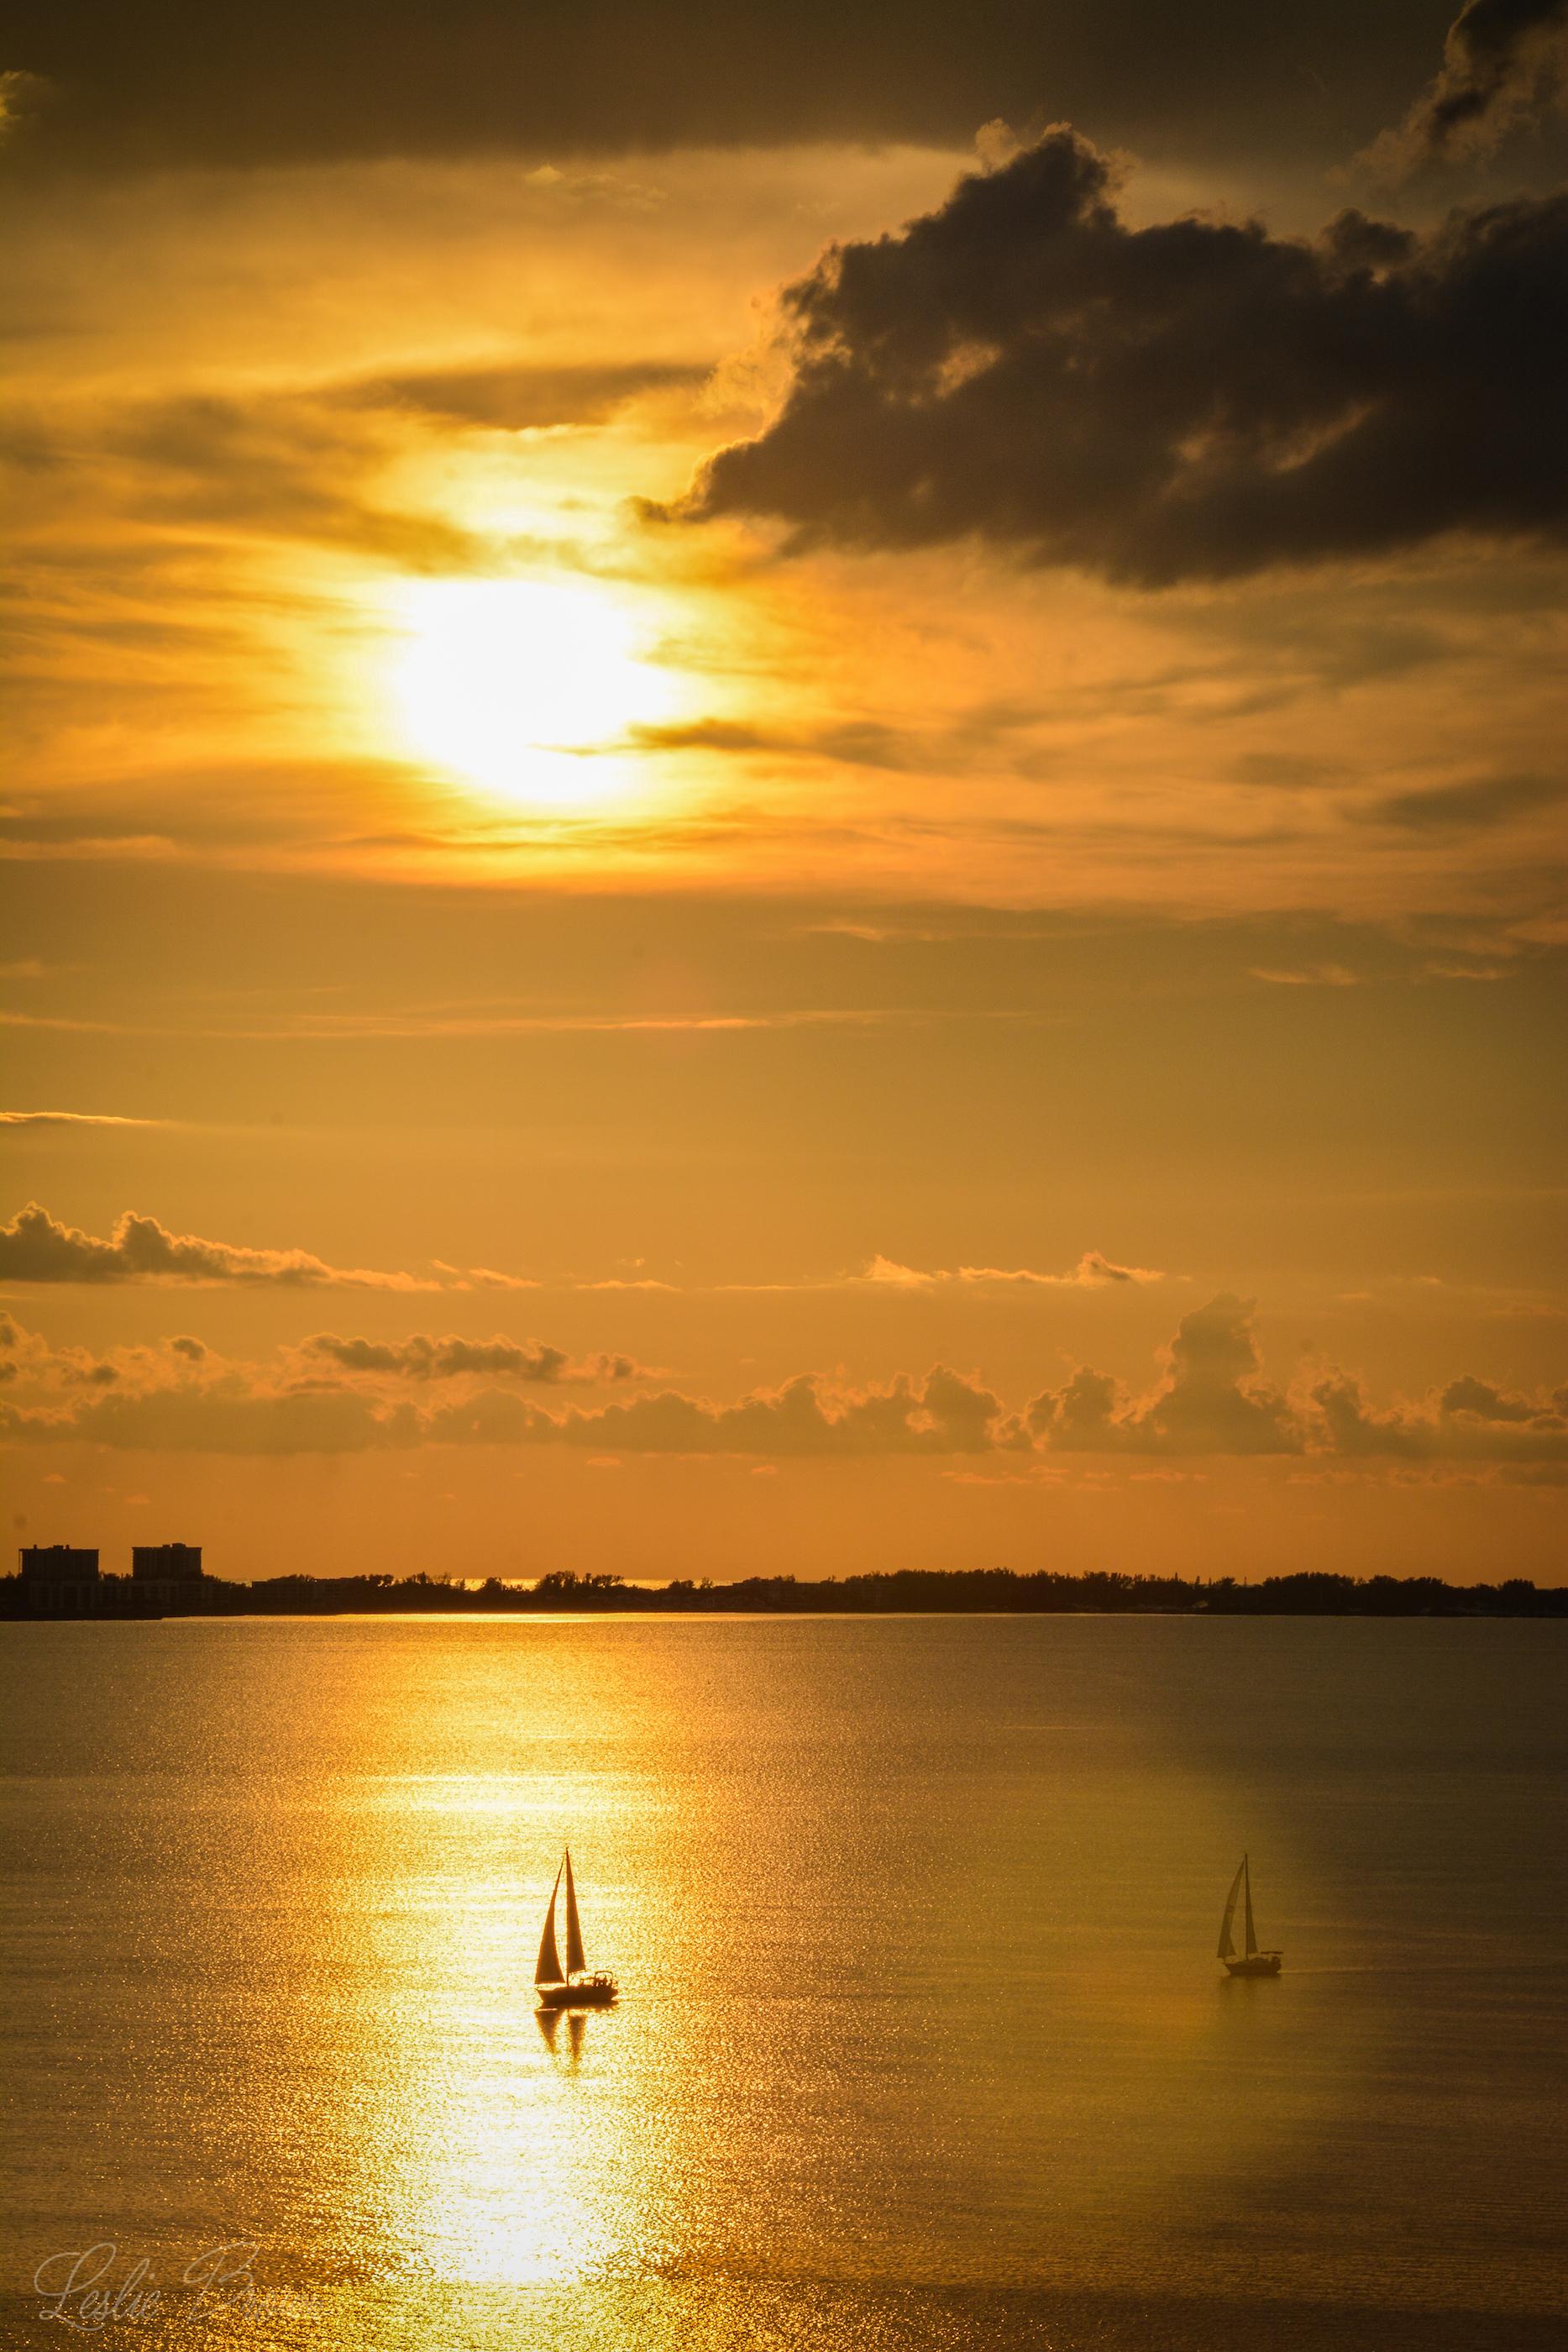 On Golden Pond - Leslie Brown